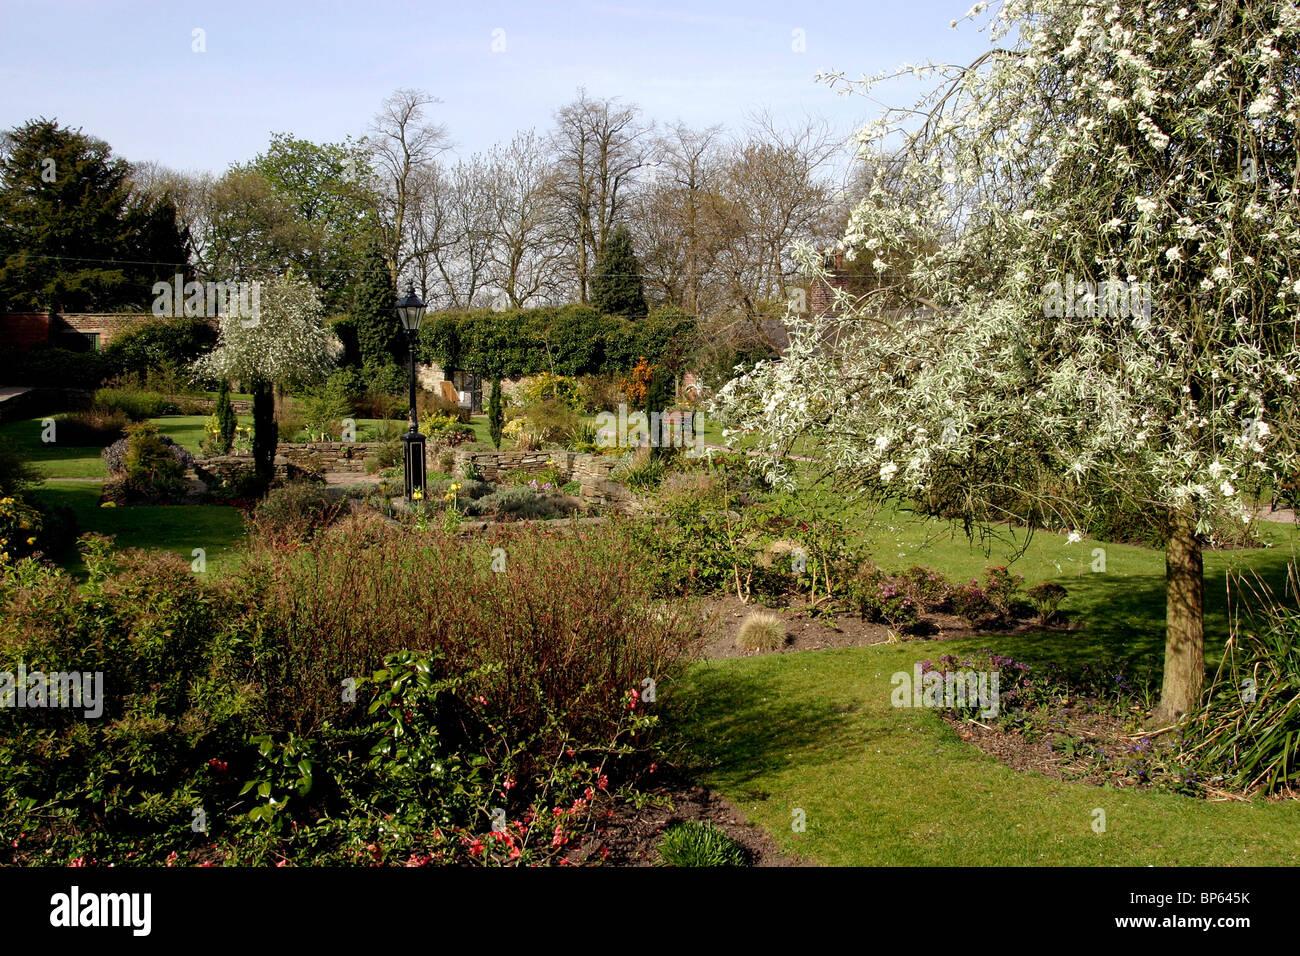 Cheshire Open Gardens Stock Photos & Cheshire Open Gardens Stock ...